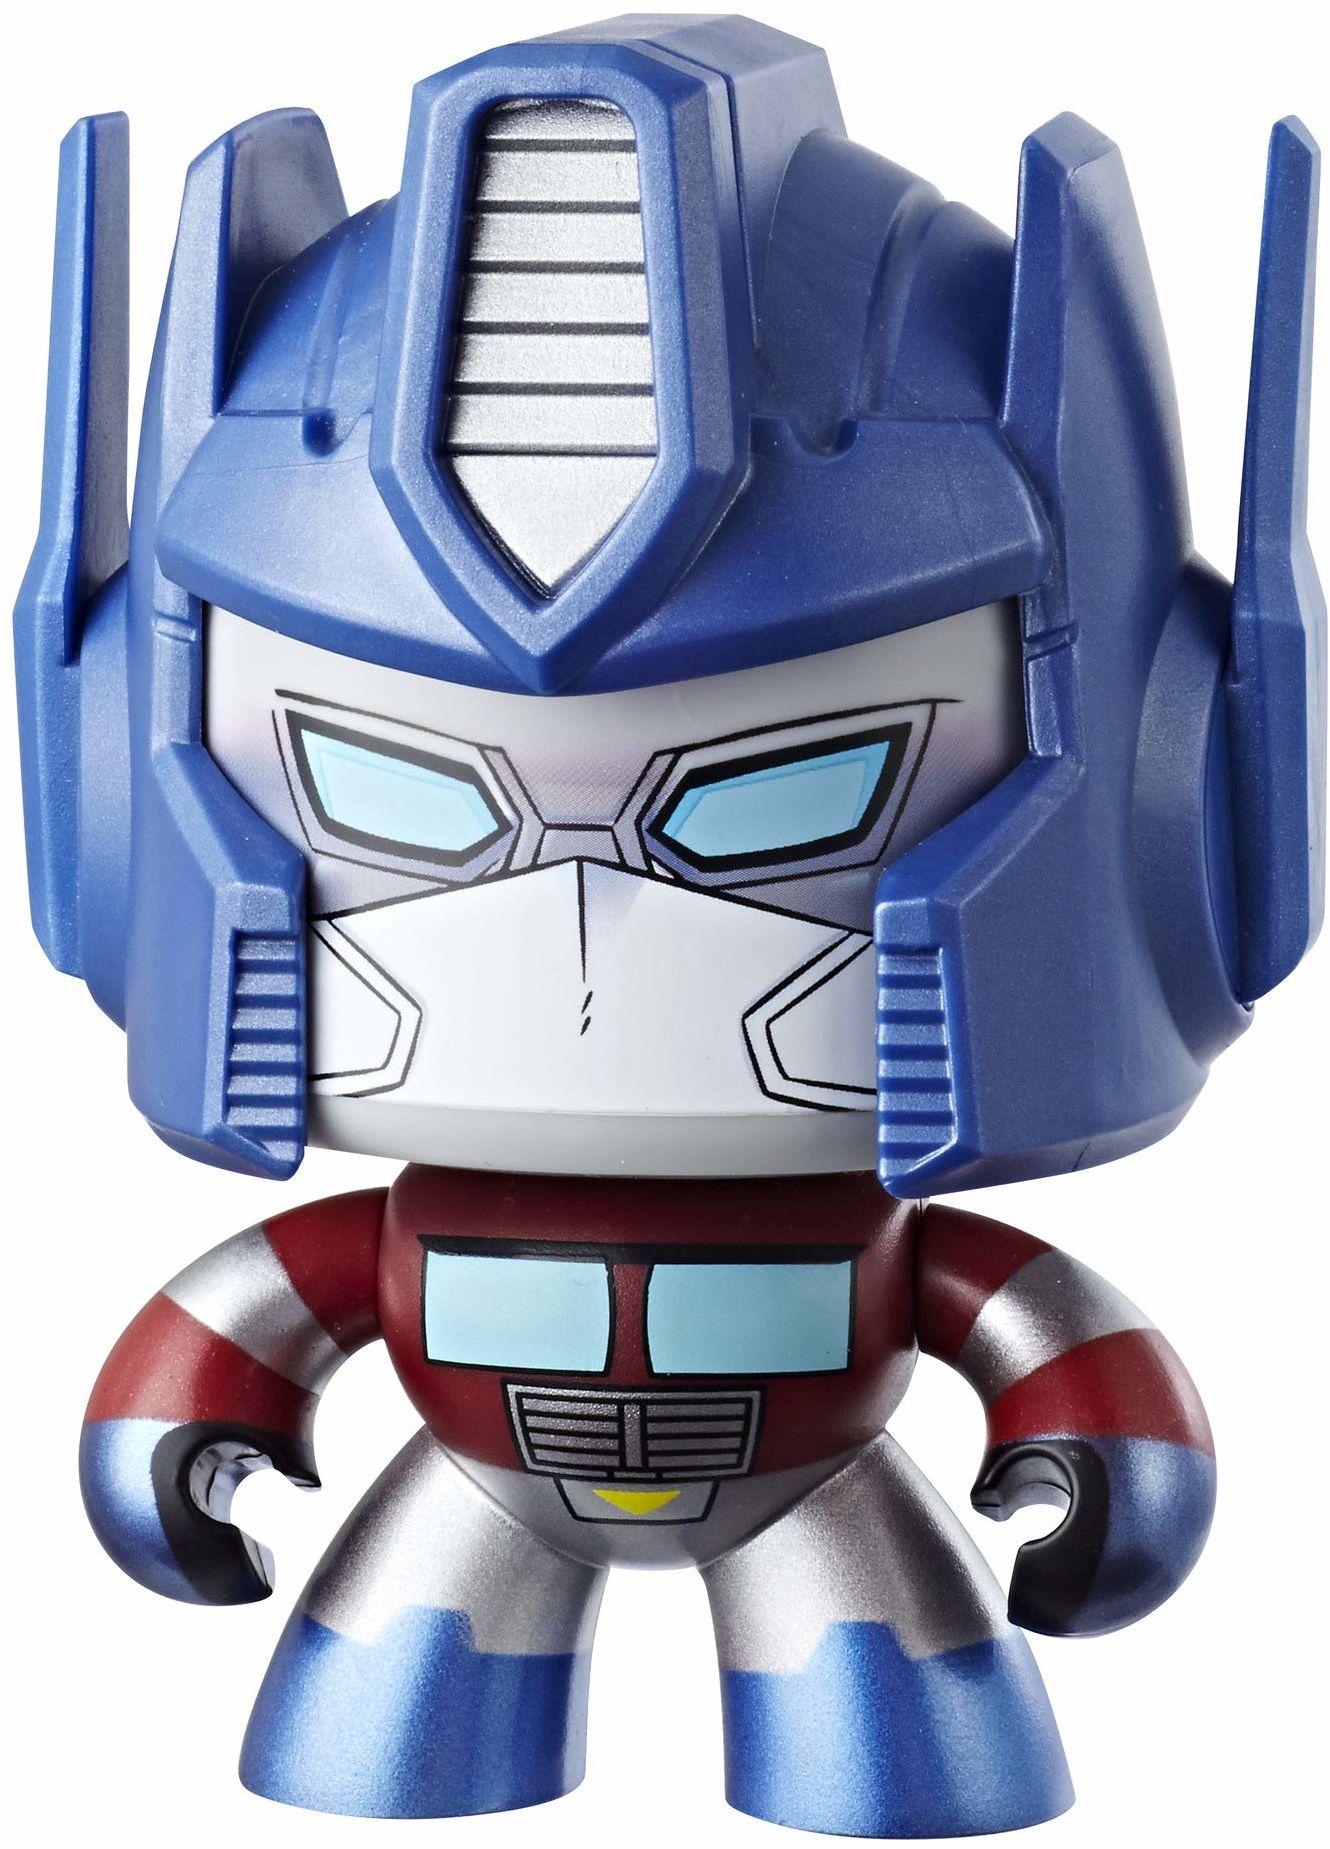 Transformers Mighty Muggs Bumblebee Optimus Prime, 10 cm duża figurka z trzema różnymi emocjami, od 6 lat